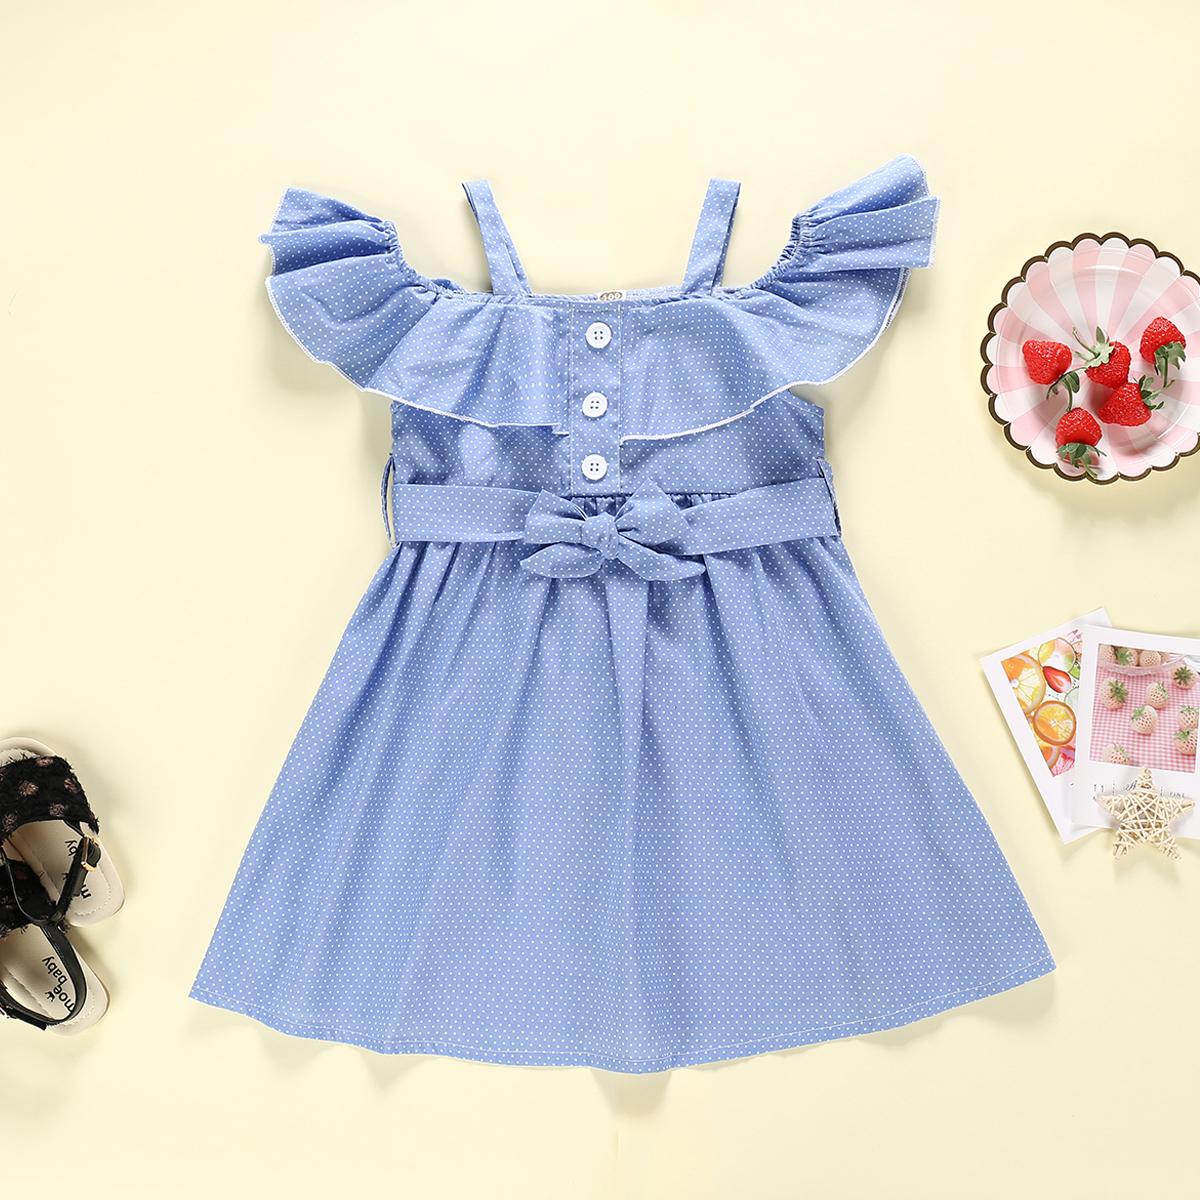 Bebê / Criança Linda Pontos Cintura Arco Ombro Frio Contorceu Vestido